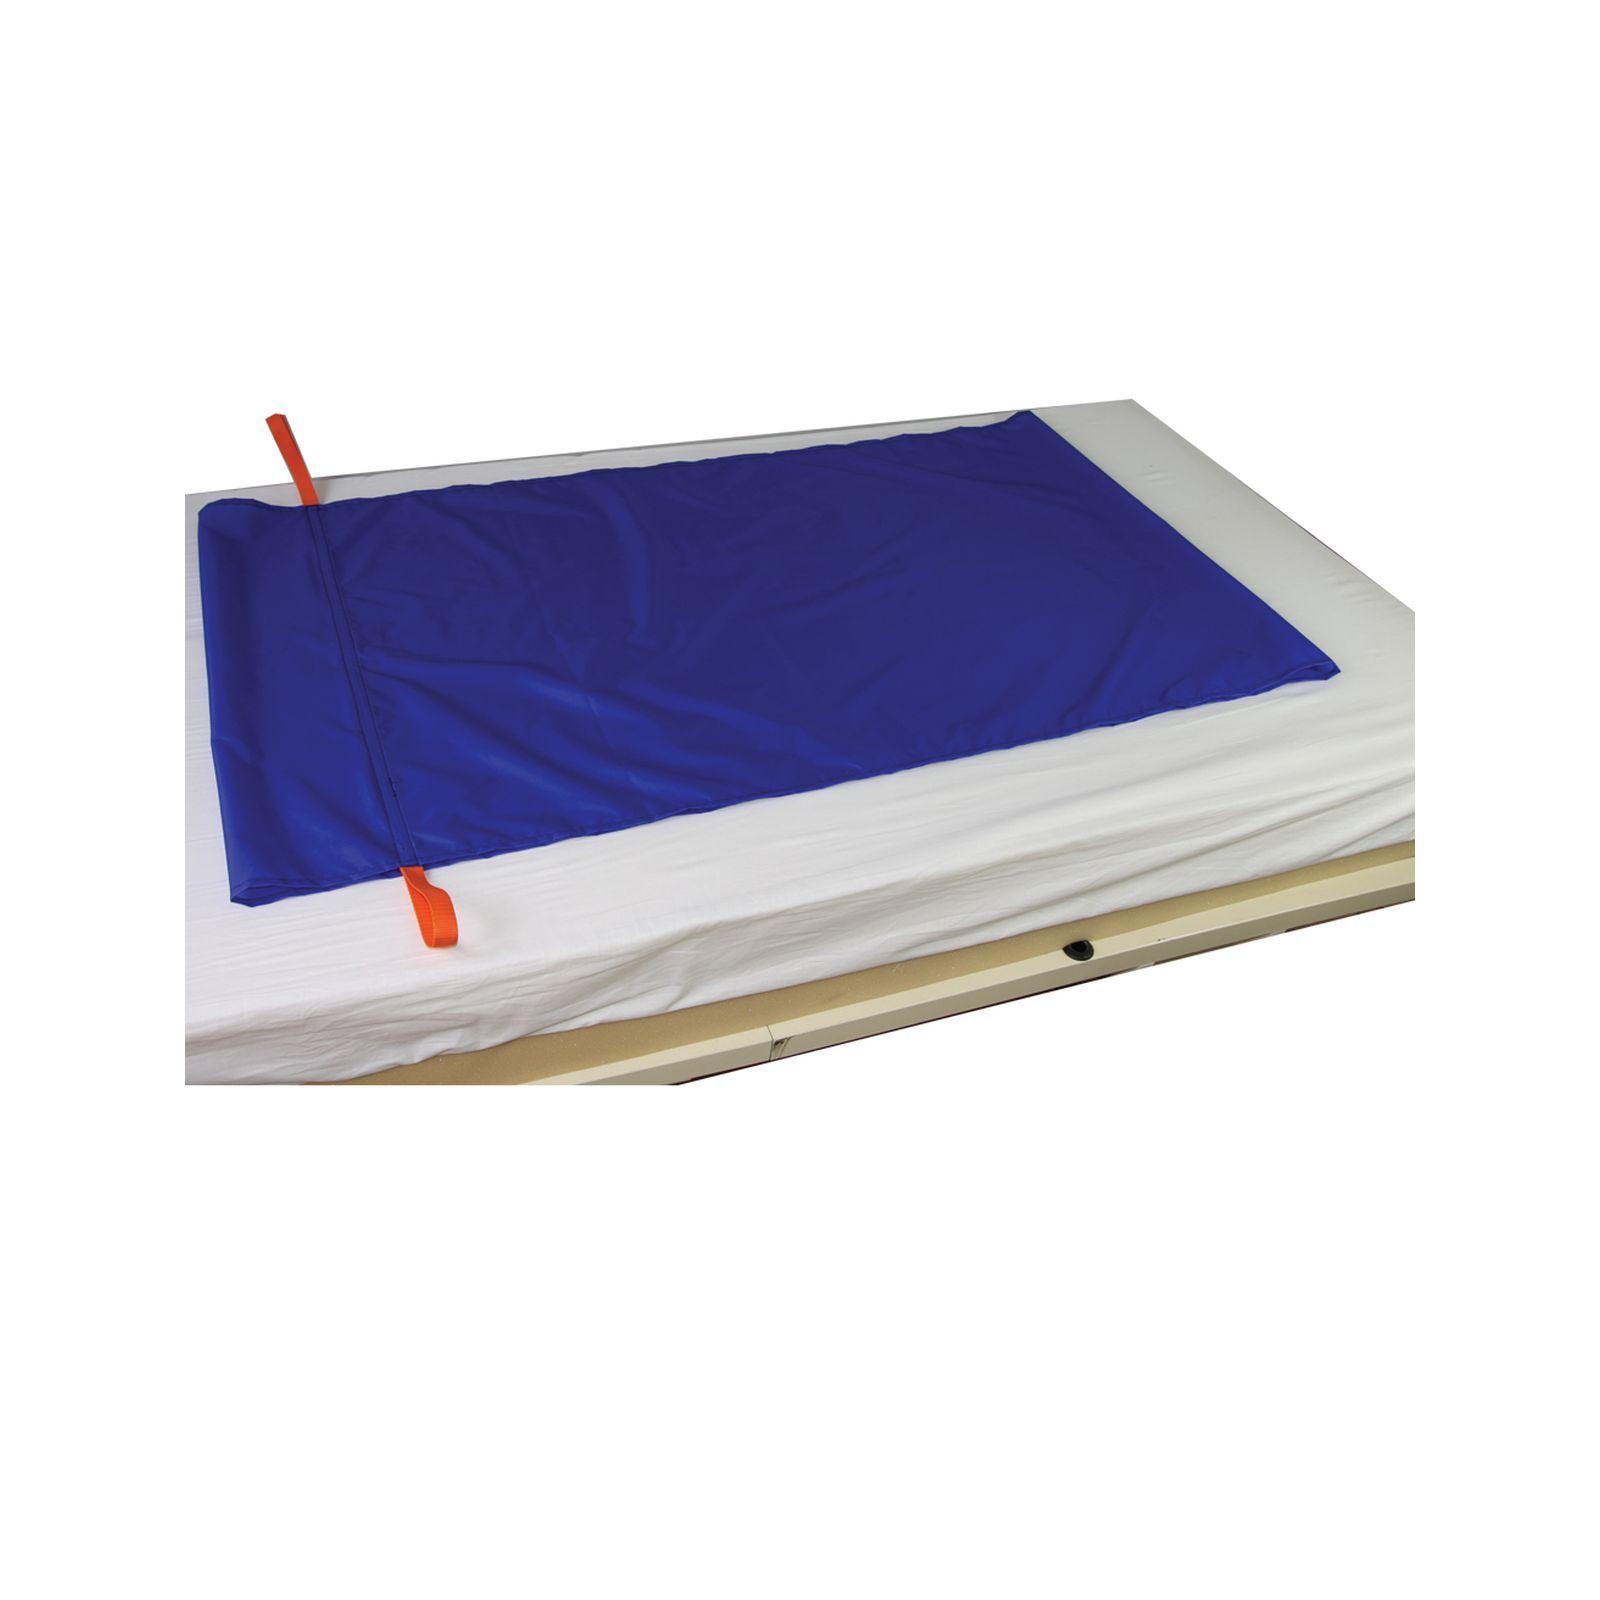 Slid Easy betegcsúsztató lepedő füllel, 130x70cm, 140x110cm, 195x70cm